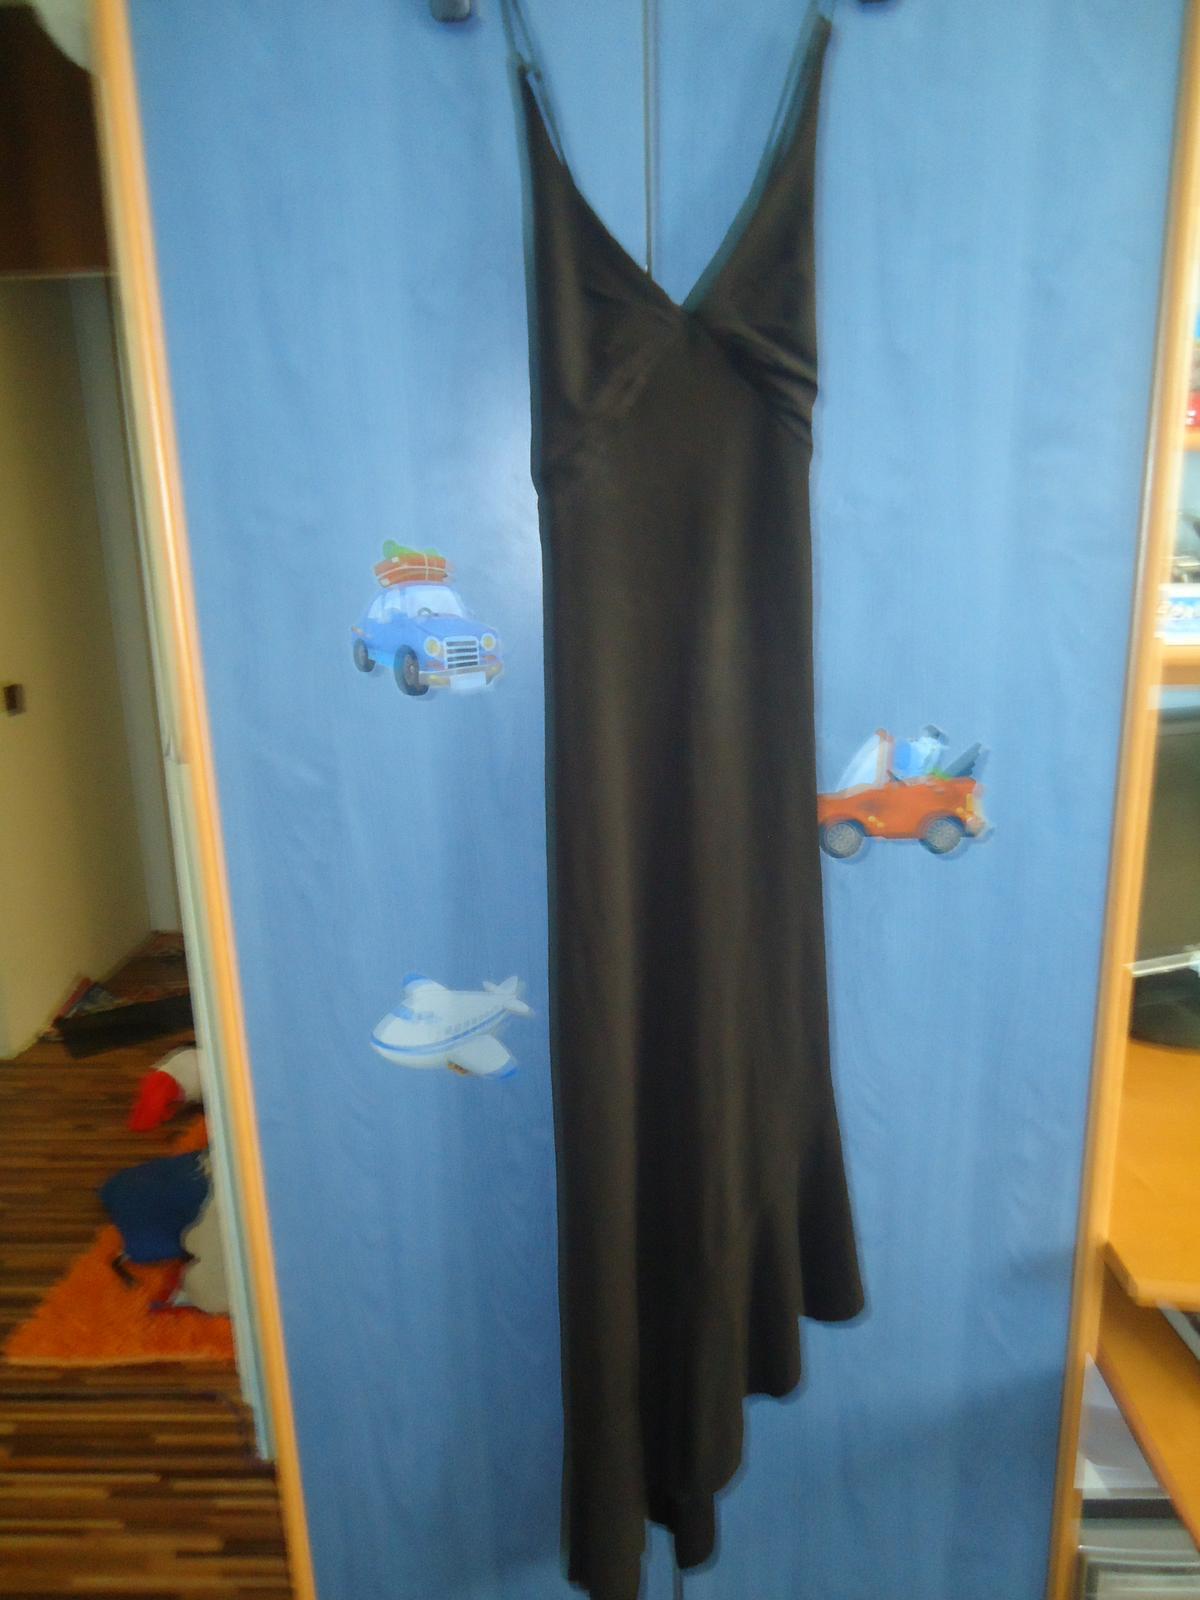 Eleg. šaty zn.  Lol  Lol Paris , veľkosť S/M  - Obrázok č. 1